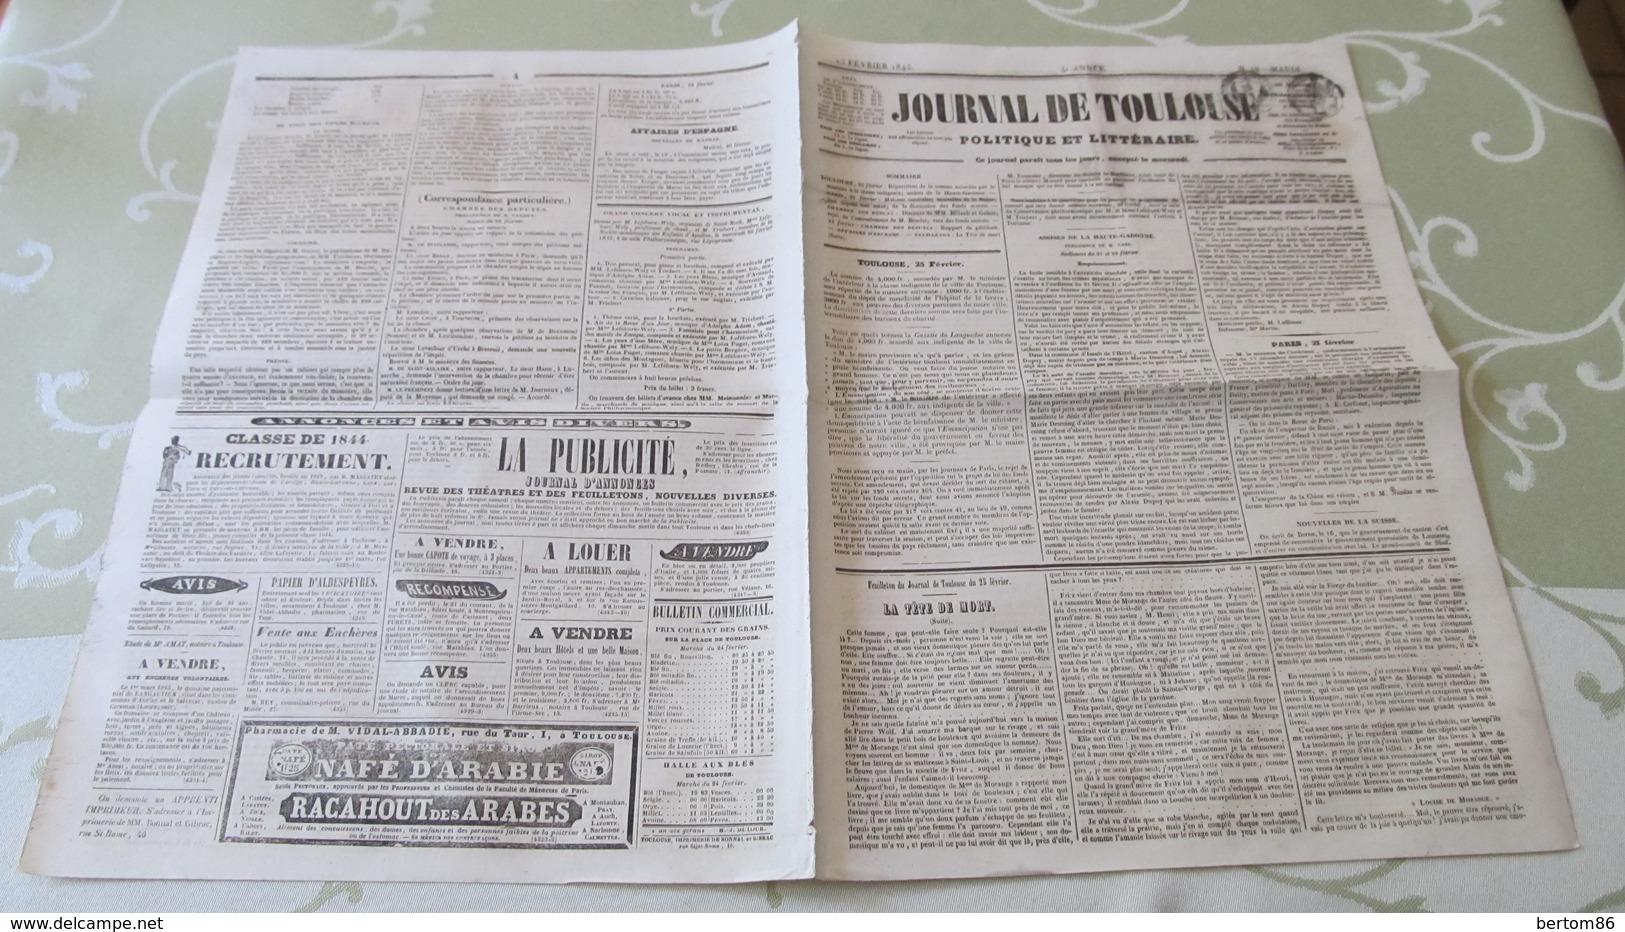 LEFEBURE-WELY - ORGANISTE DE SAINT-ROCH - GRAND CONCERT VOCAL ET INSTRUMENTAL - PROGRAMME - TOULOUSE  1845. - Posters